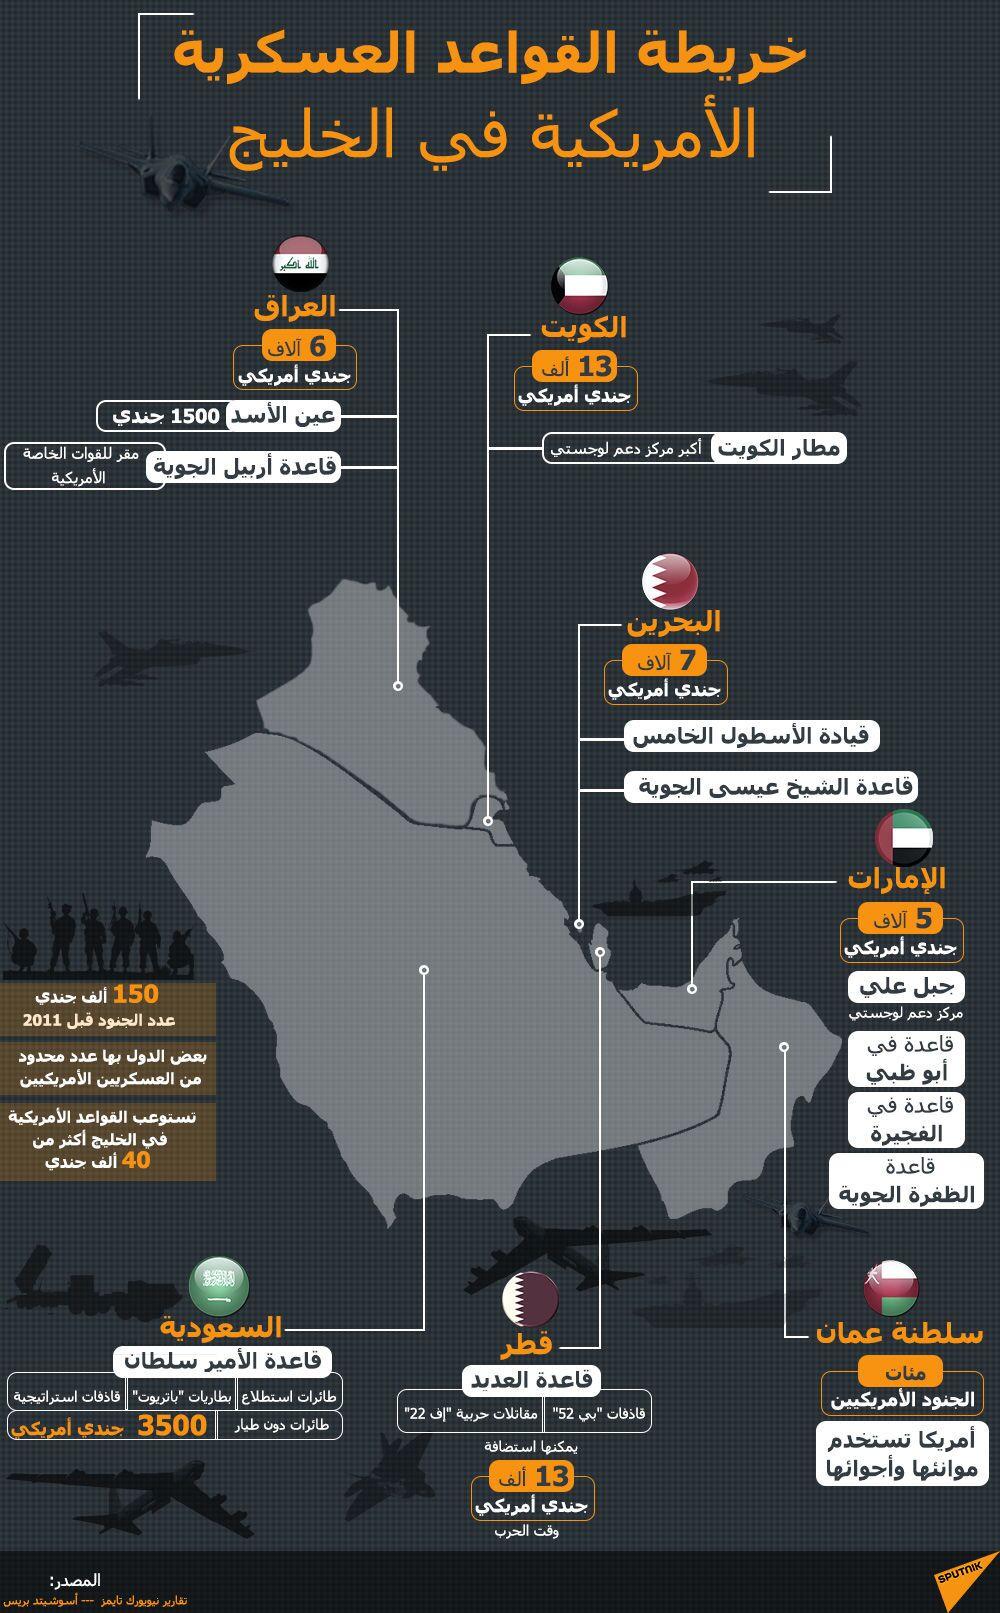 إنفوجرافيك - خريطة القواعد العسكرية الأمريكية في الخليج